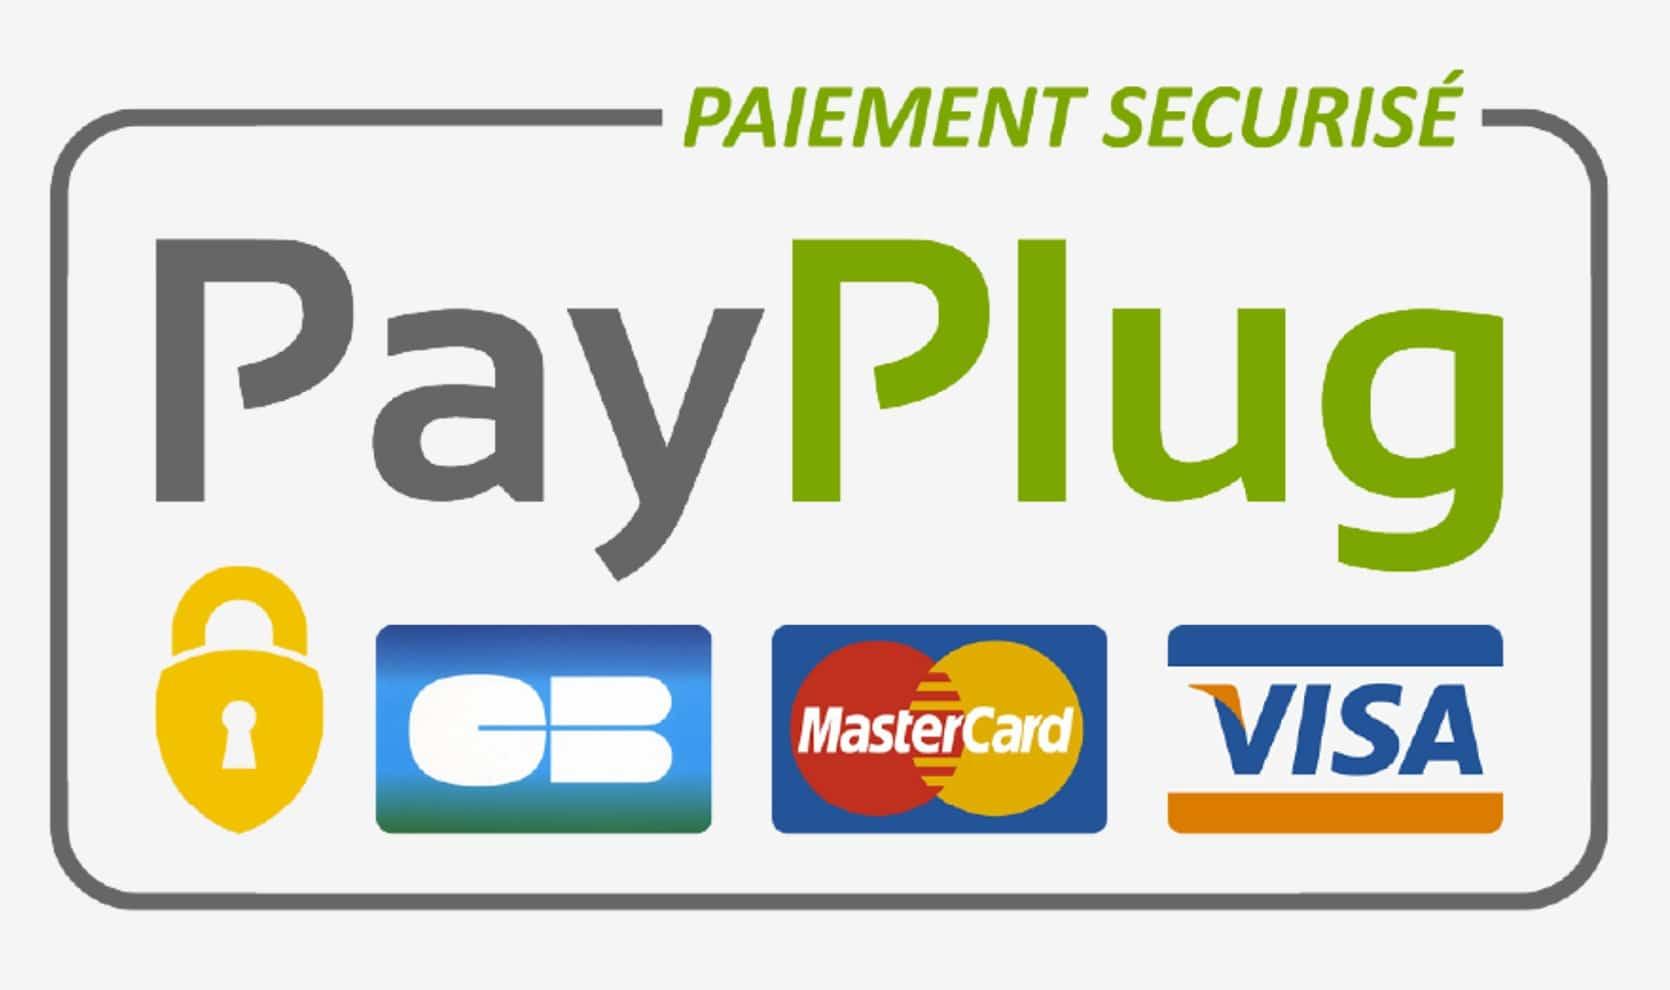 Paiement sécurisé carte bleue Payplug